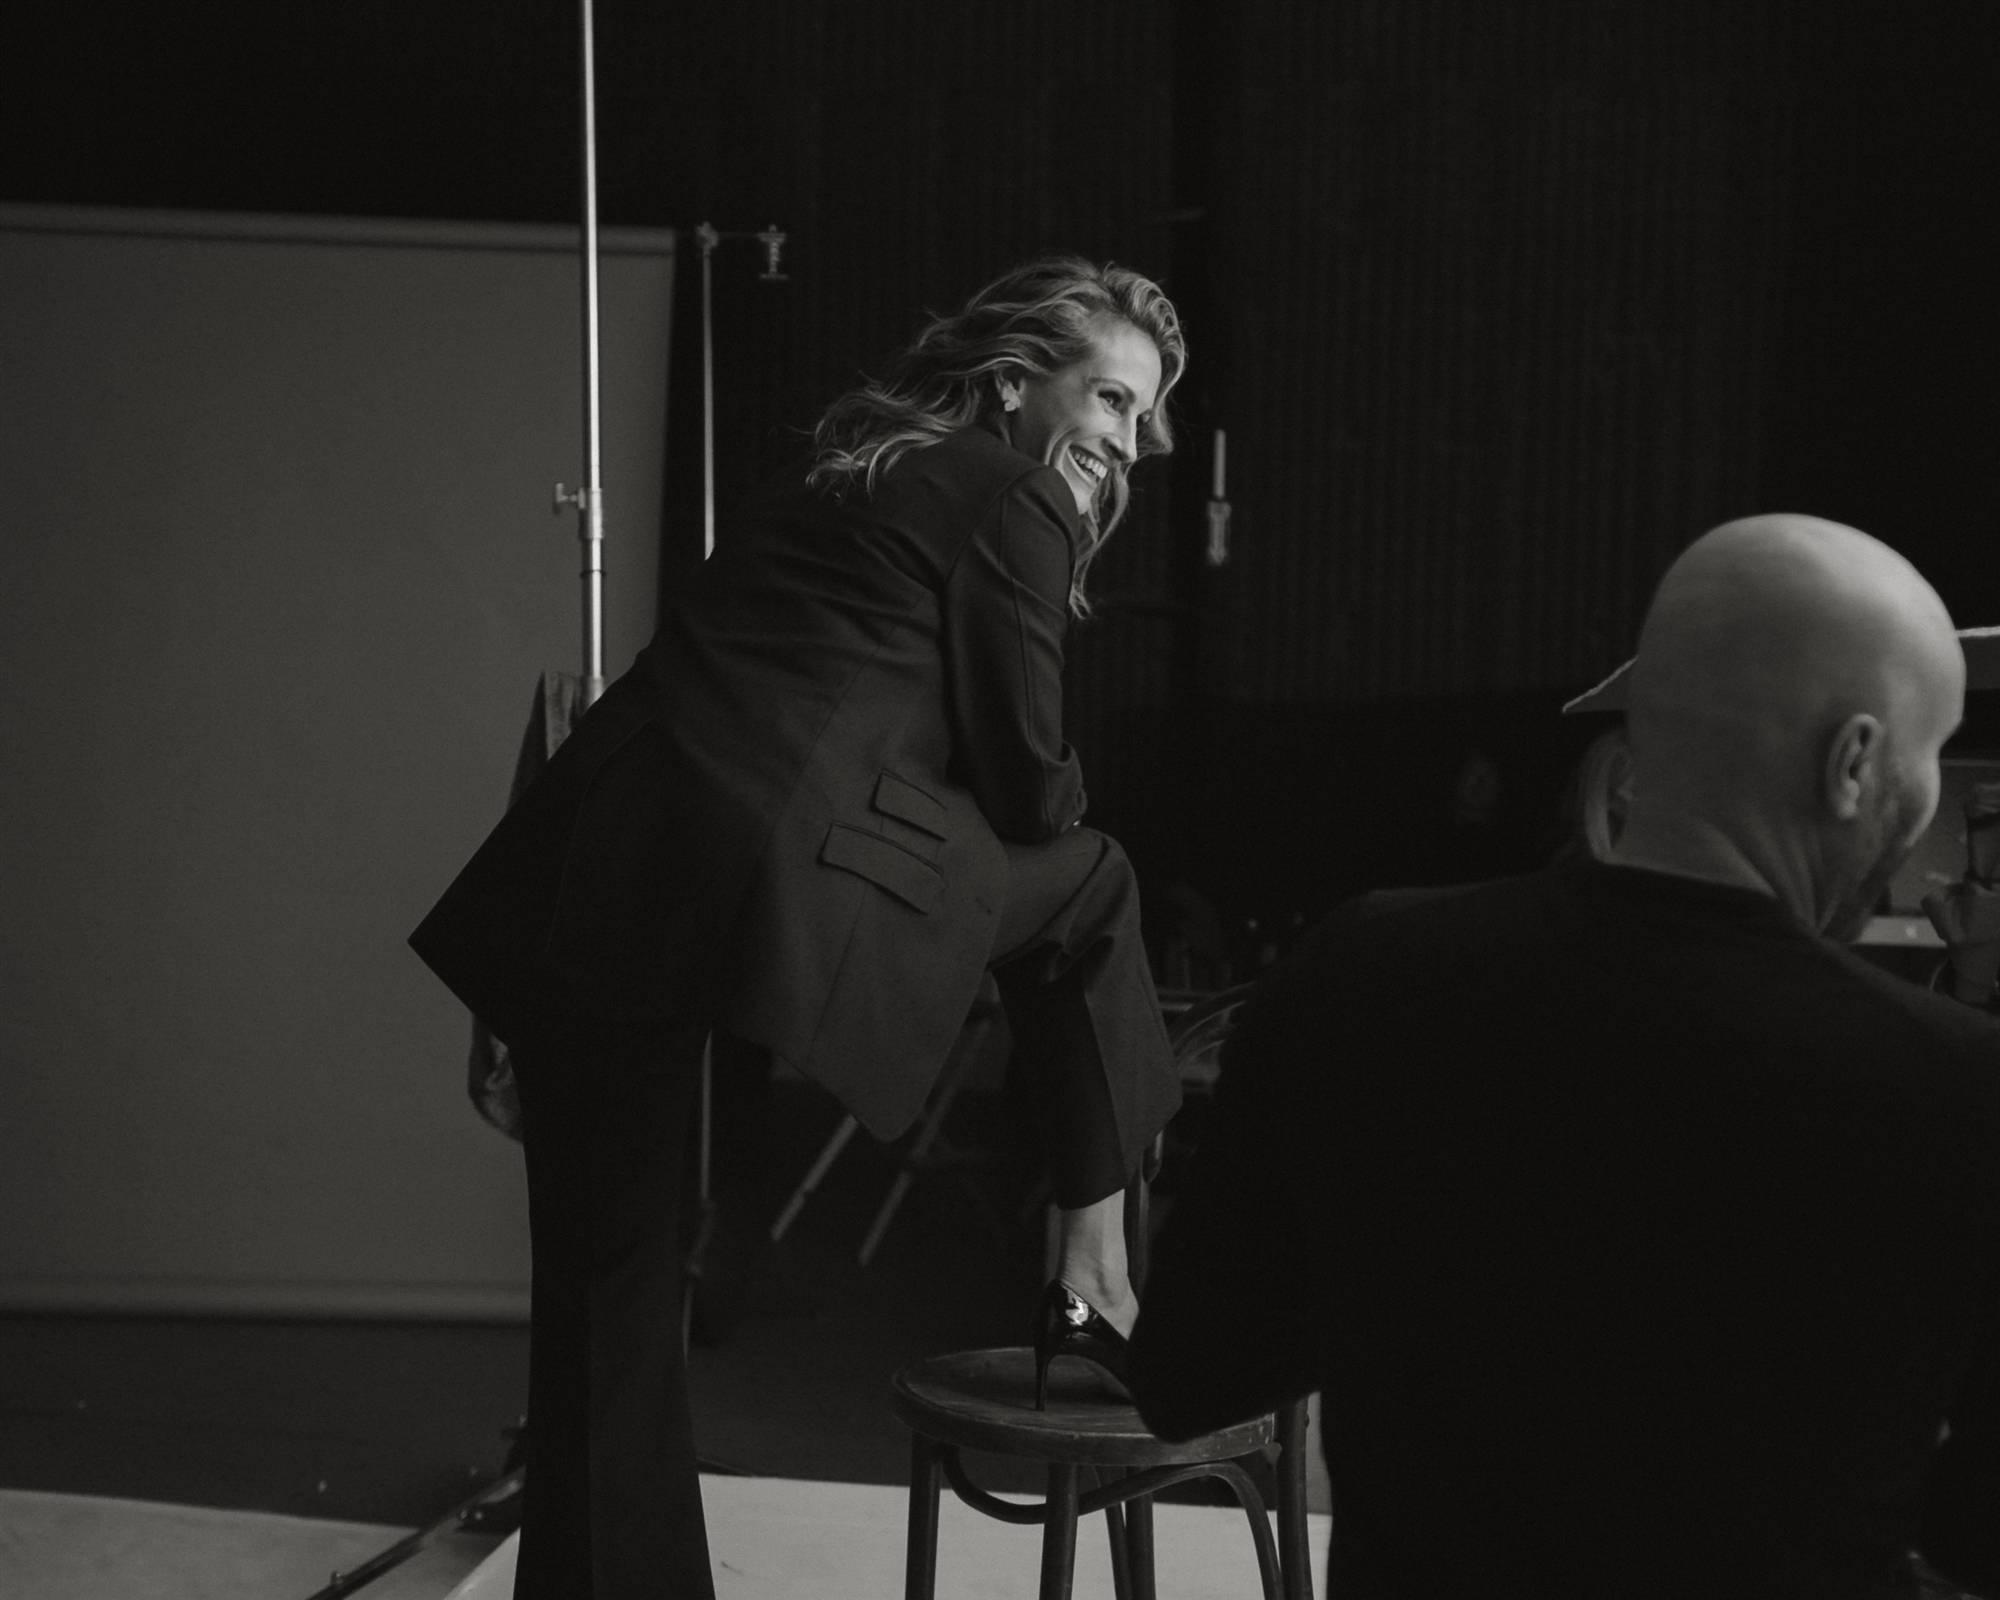 Happy Diamonds全新广告影片发布,影后朱莉娅·罗伯茨诠释Chopard萧邦乐享生活